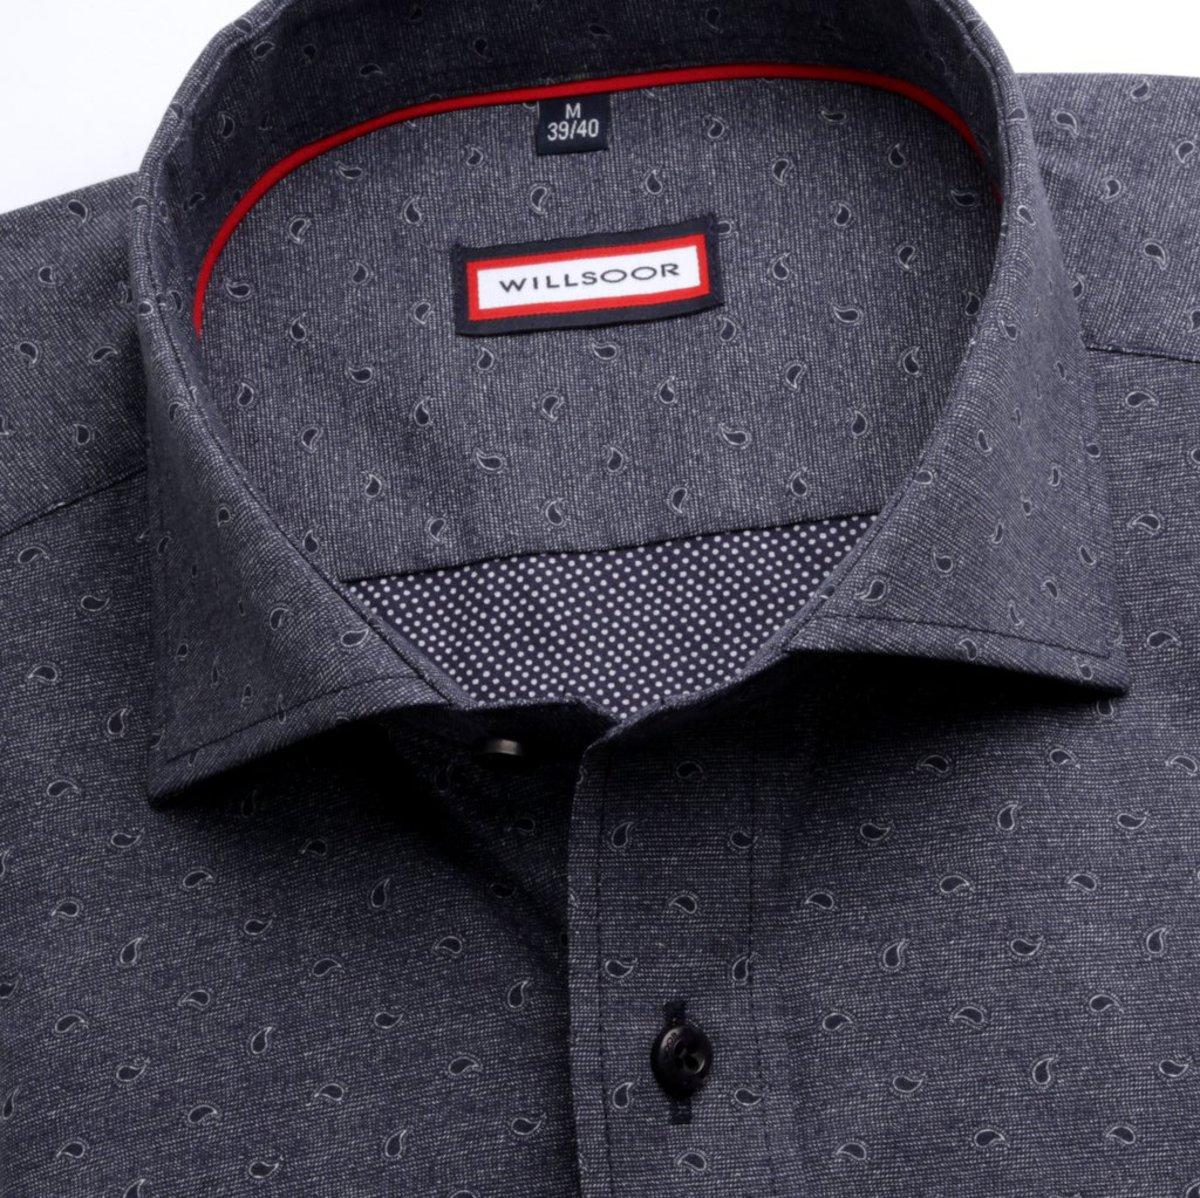 Willsoor Pánská slim fit košile (výška 176-182) 6981 v grafitové barvě s  formulí Easy Care a14c34635f